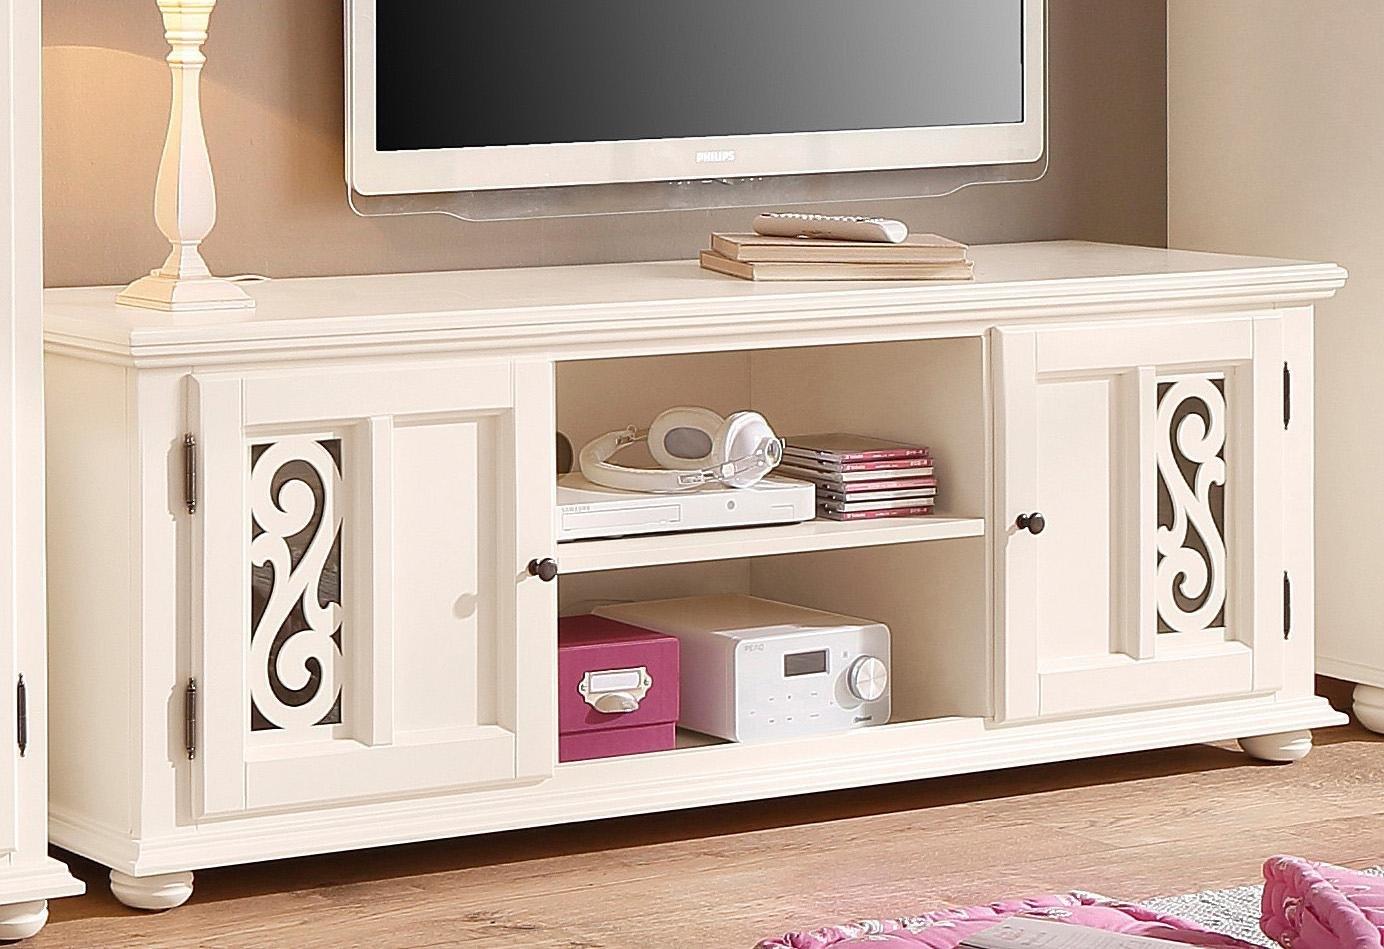 Op zoek naar een Home Affaire Premium Collection lowboard Arabeske? Koop online bij OTTO